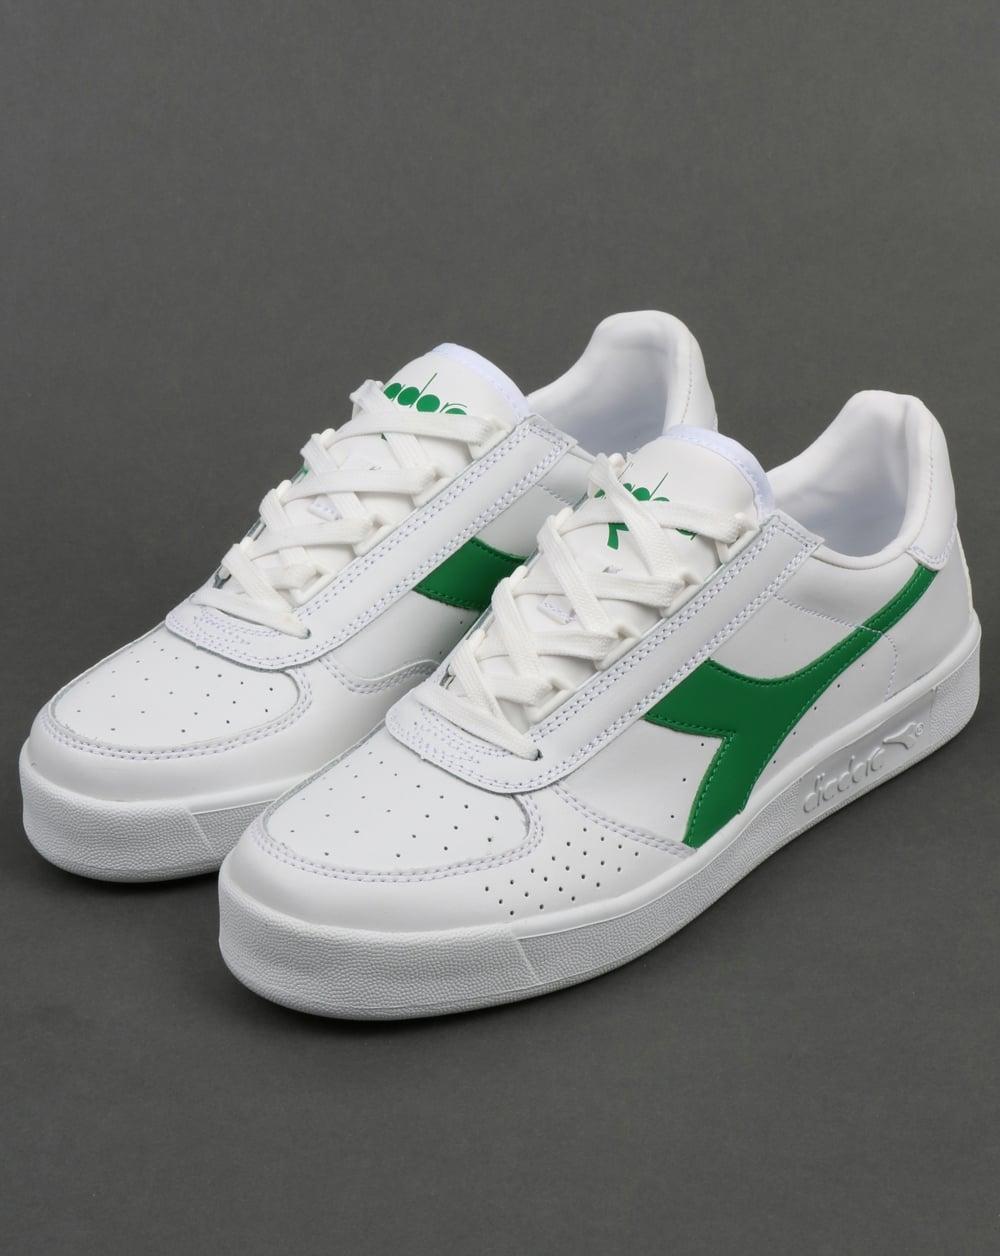 f3bdc75ed7 Diadora B. Elite Trainers White/White/Green